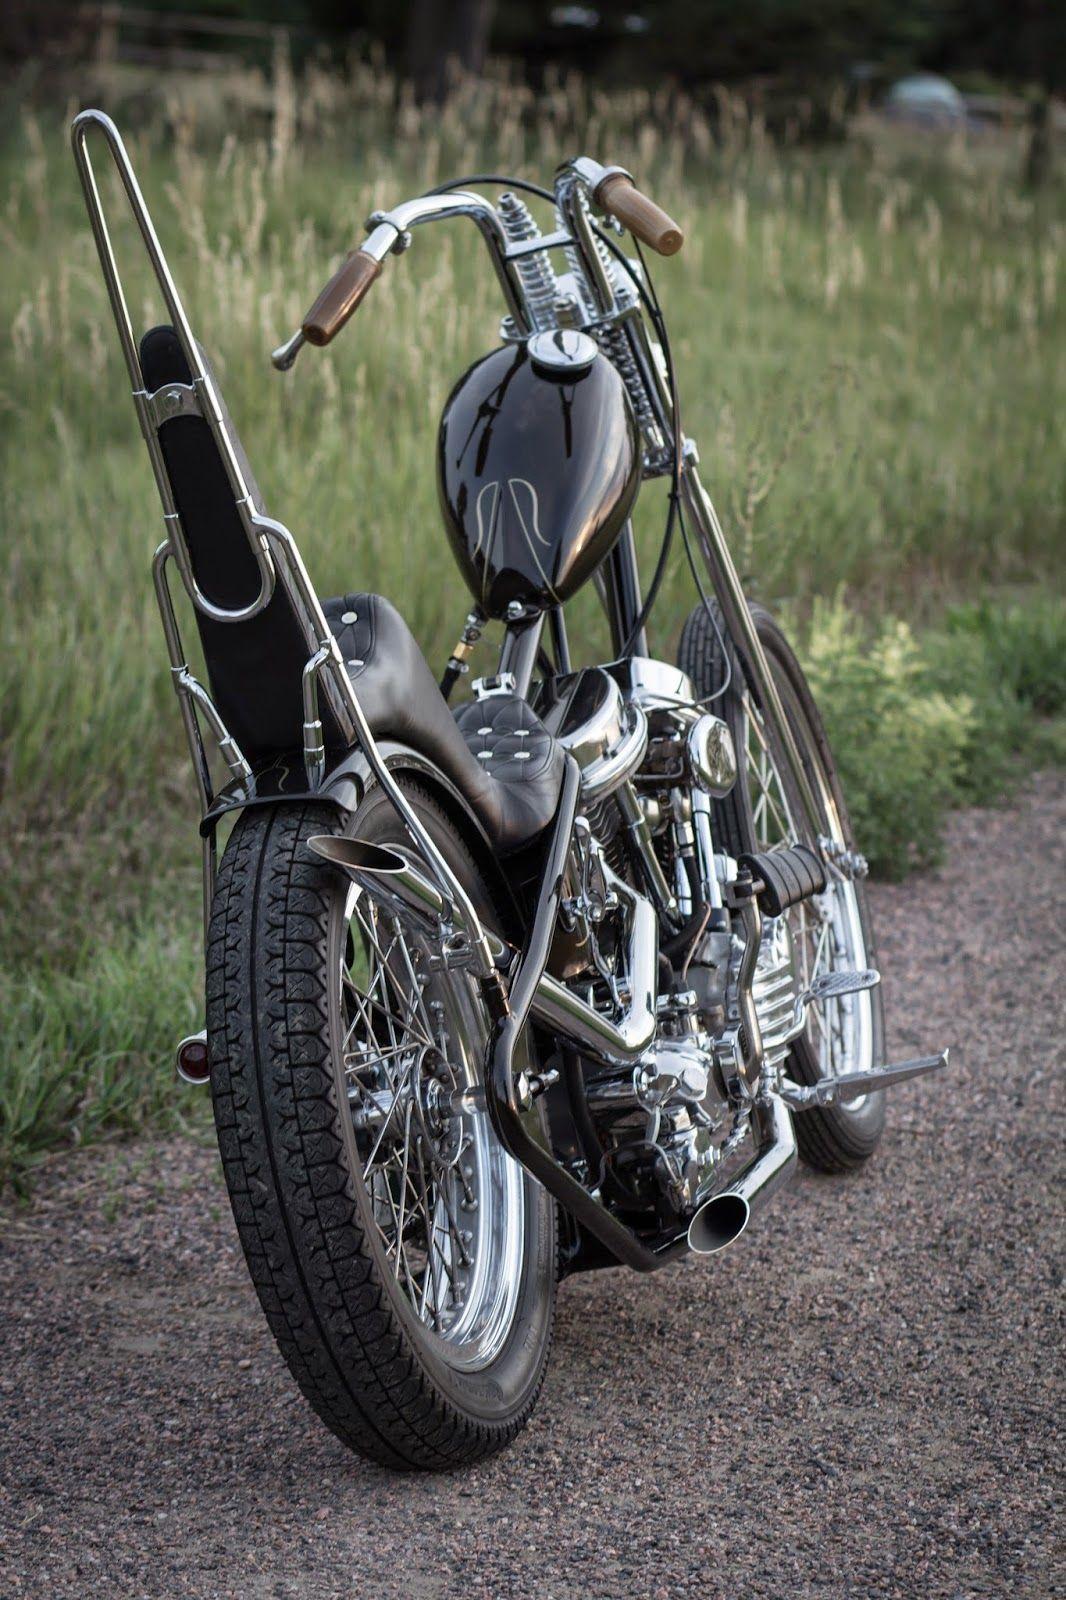 old school chopper harley davidson motorcycles harley. Black Bedroom Furniture Sets. Home Design Ideas